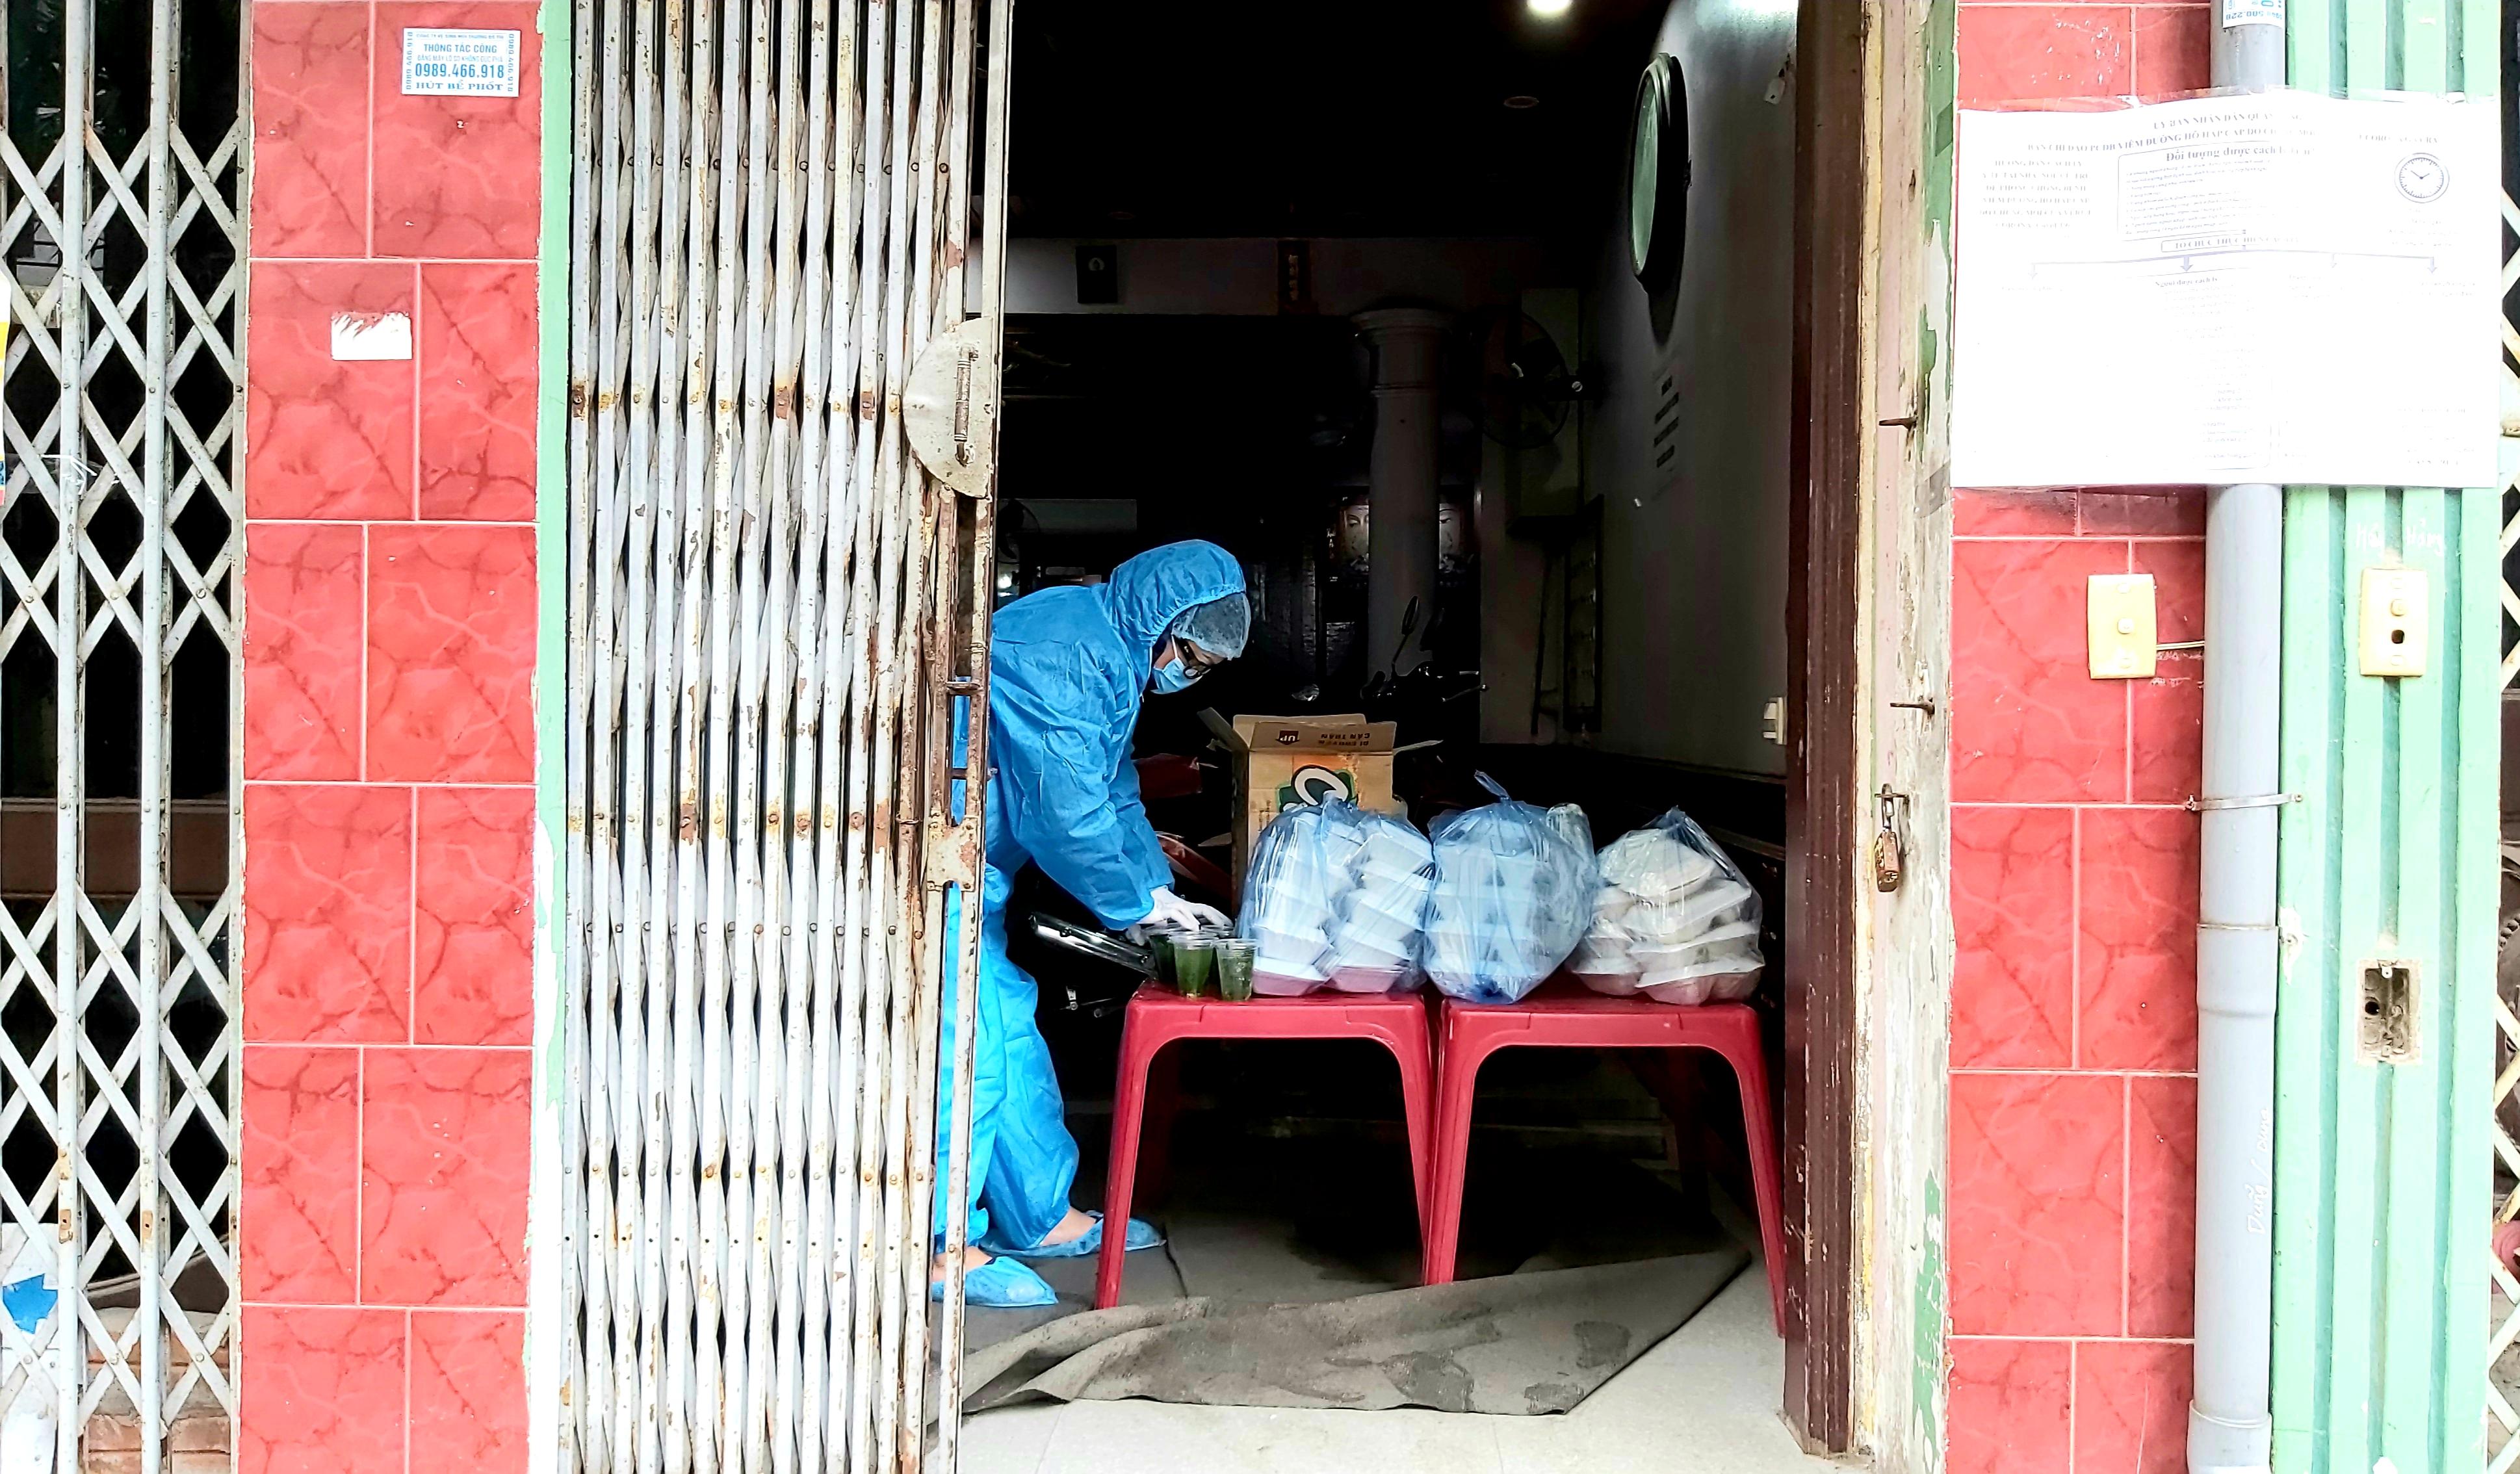 """Người dân sinh sống quanh khu vực cách ly tại đường Nguyễn Văn Cừ vẫn lạc quan: """"Chỉ cần giữ đúng nguyên tắc của Nhà nước thì không việc gì phải hoang mang, lo lắng"""" - Ảnh 7."""